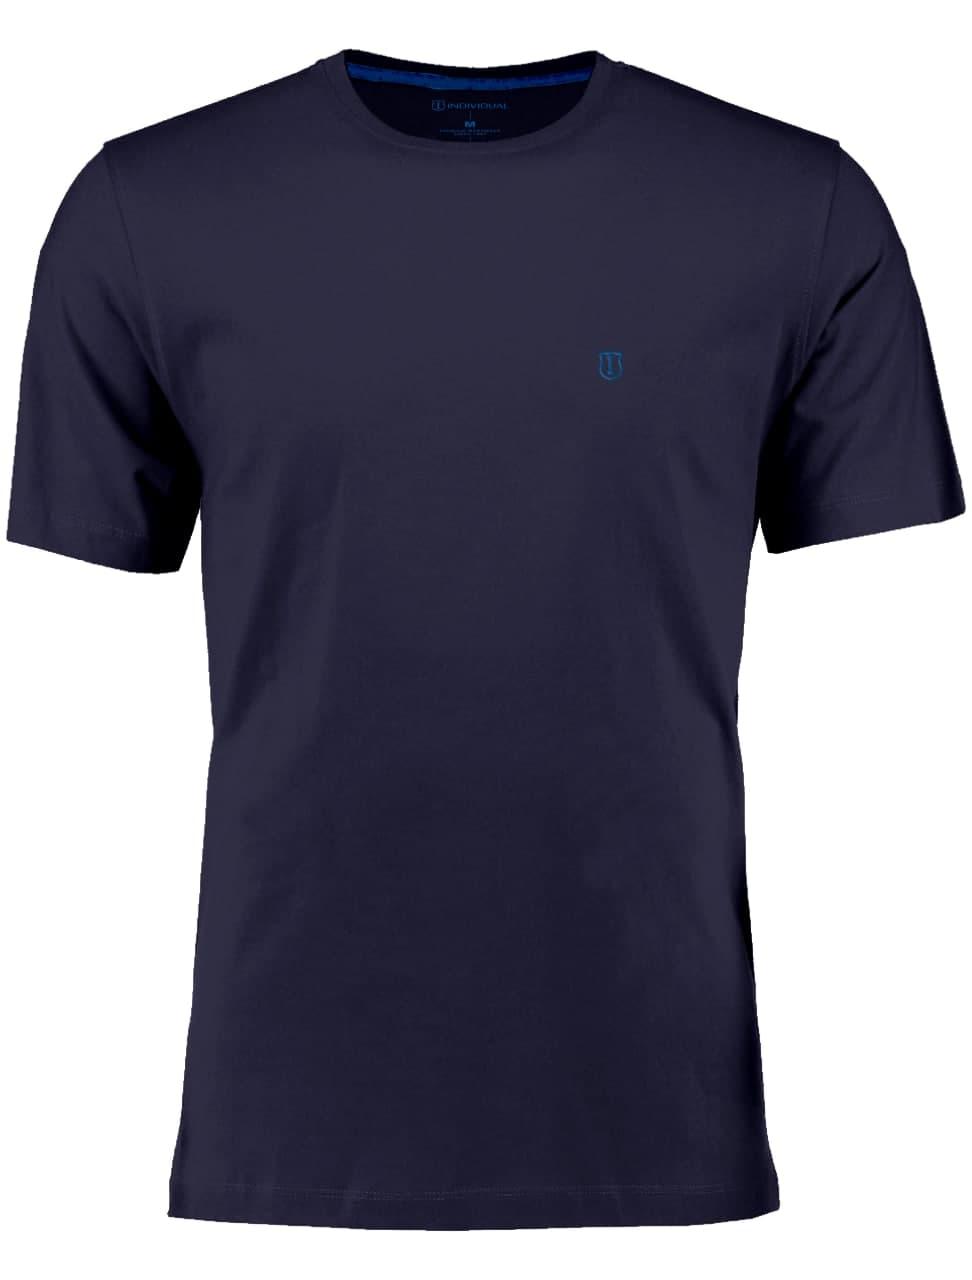 Camiseta Individual Manga Curta Basica Slim Fit Gola Careca